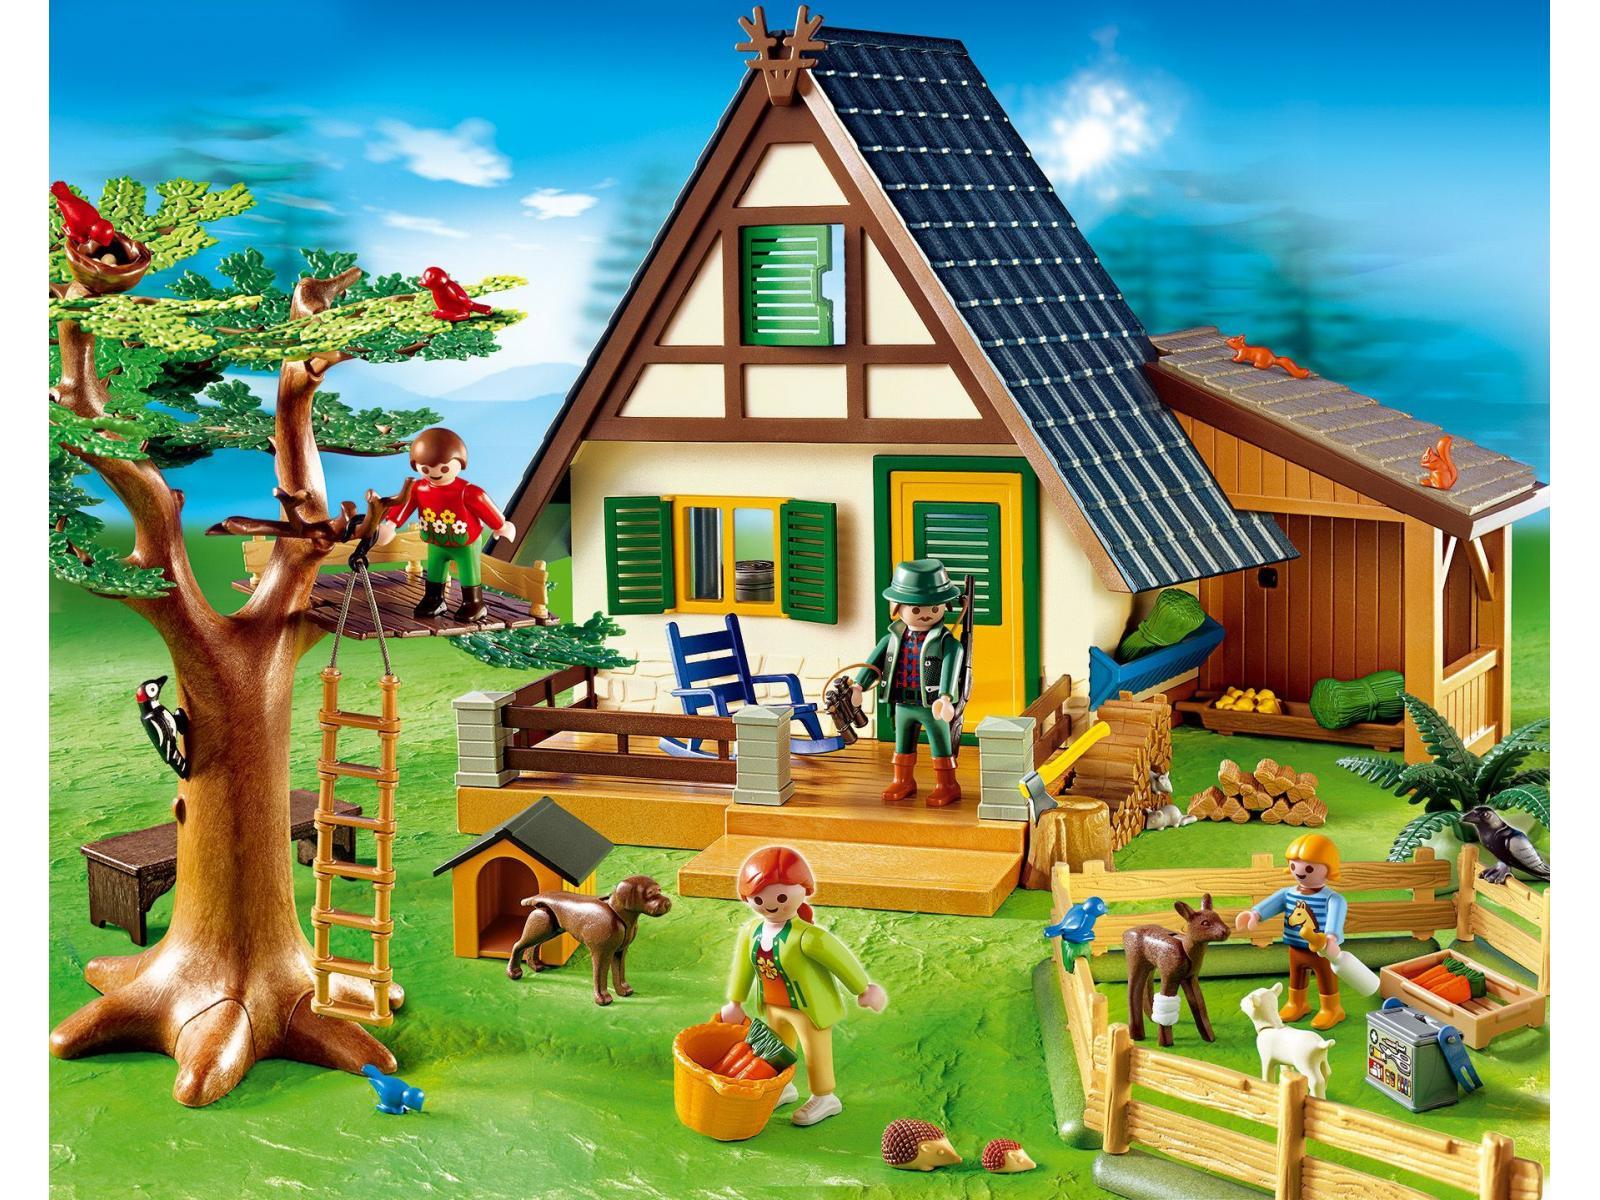 La vie à la ferme maisons des fermiers playmobil maison playmobil